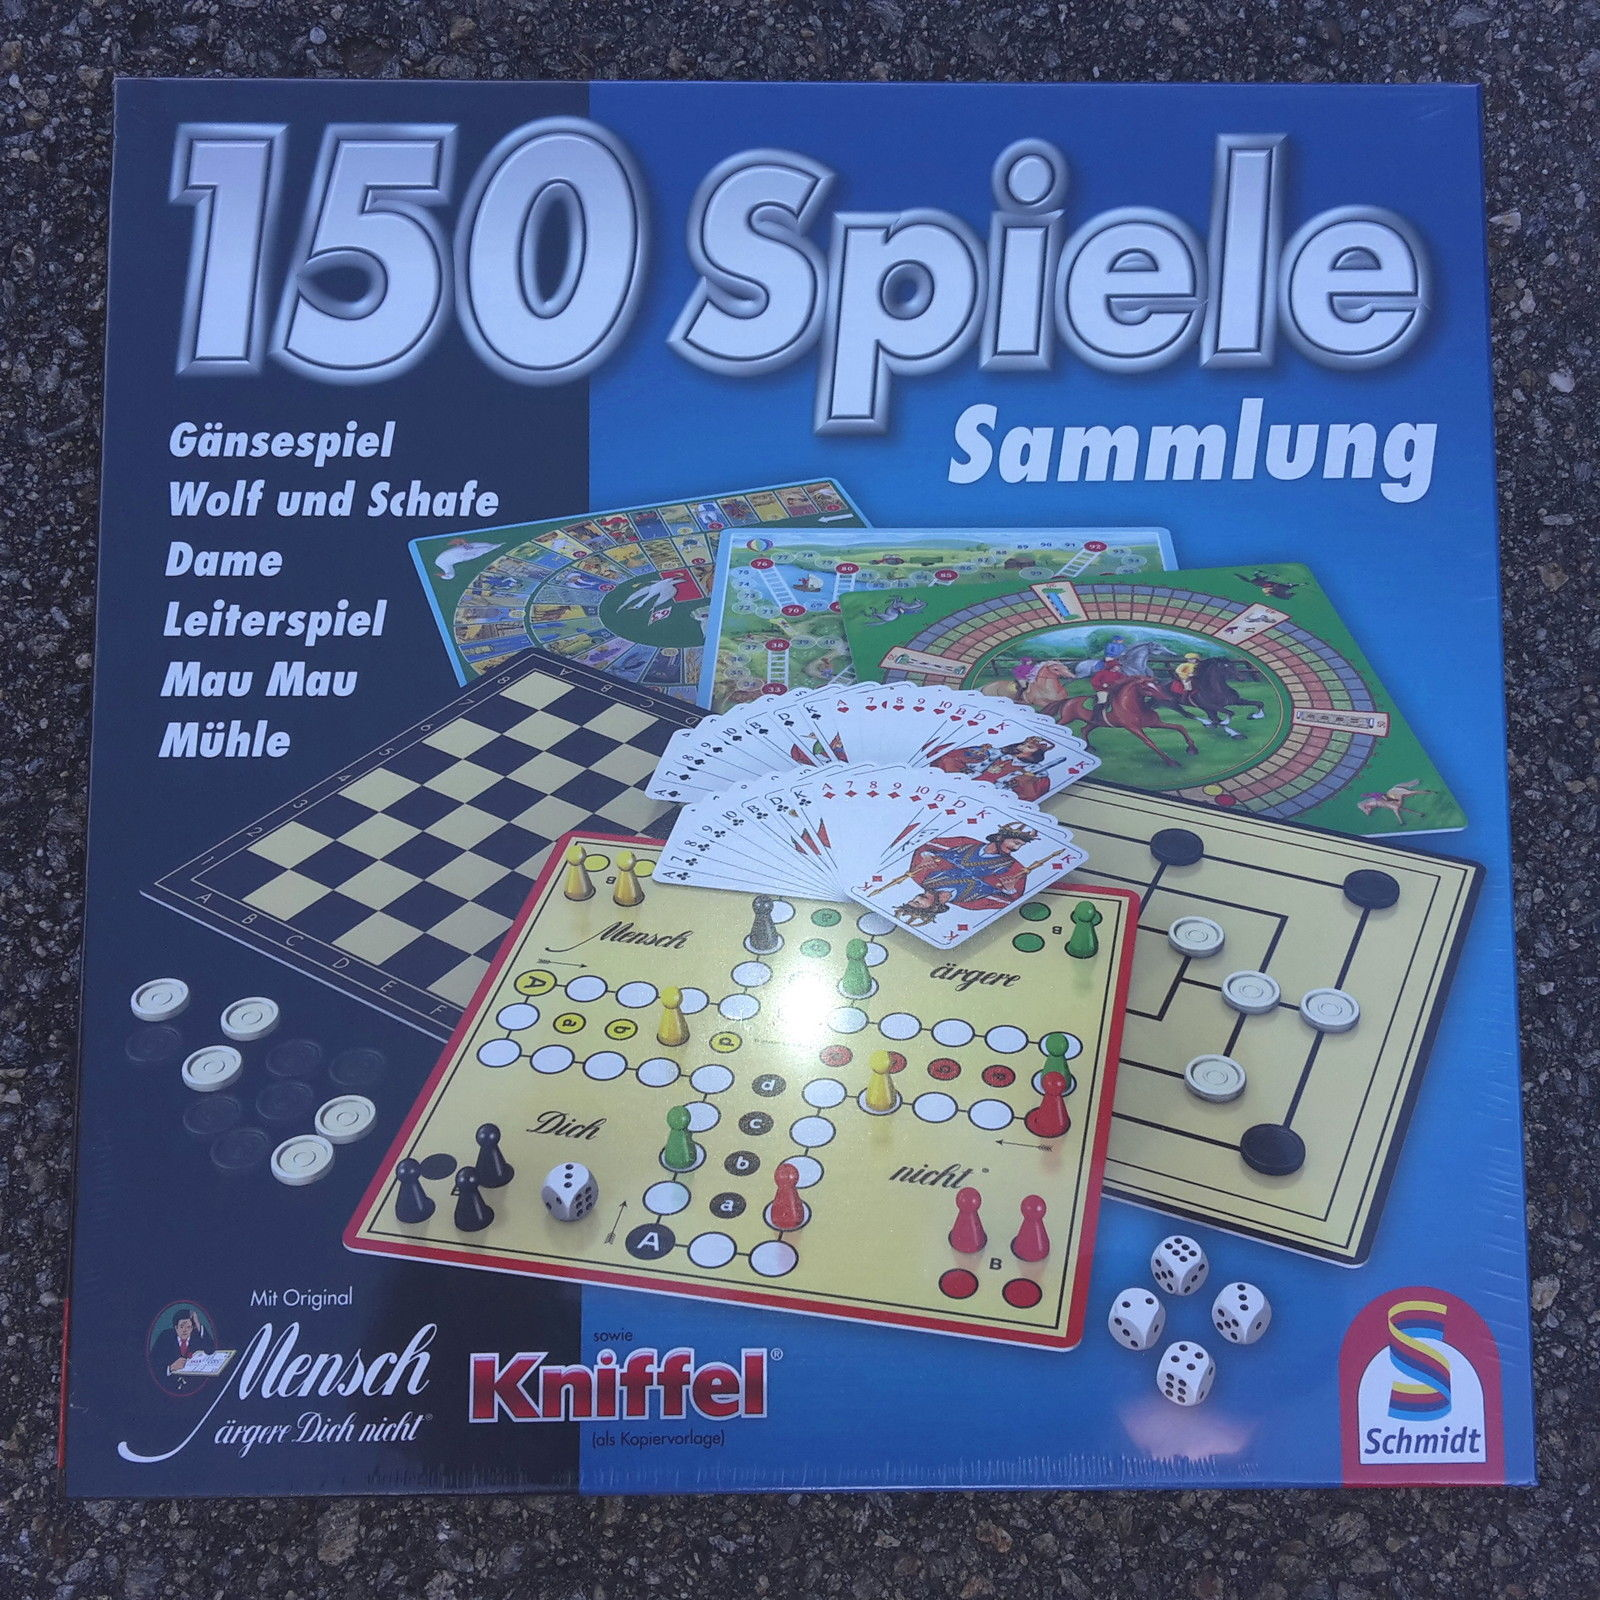 Spielesammlung 150 Spiele von Schmidt - Mühle - Dame Mensch ärgere Dich nicht